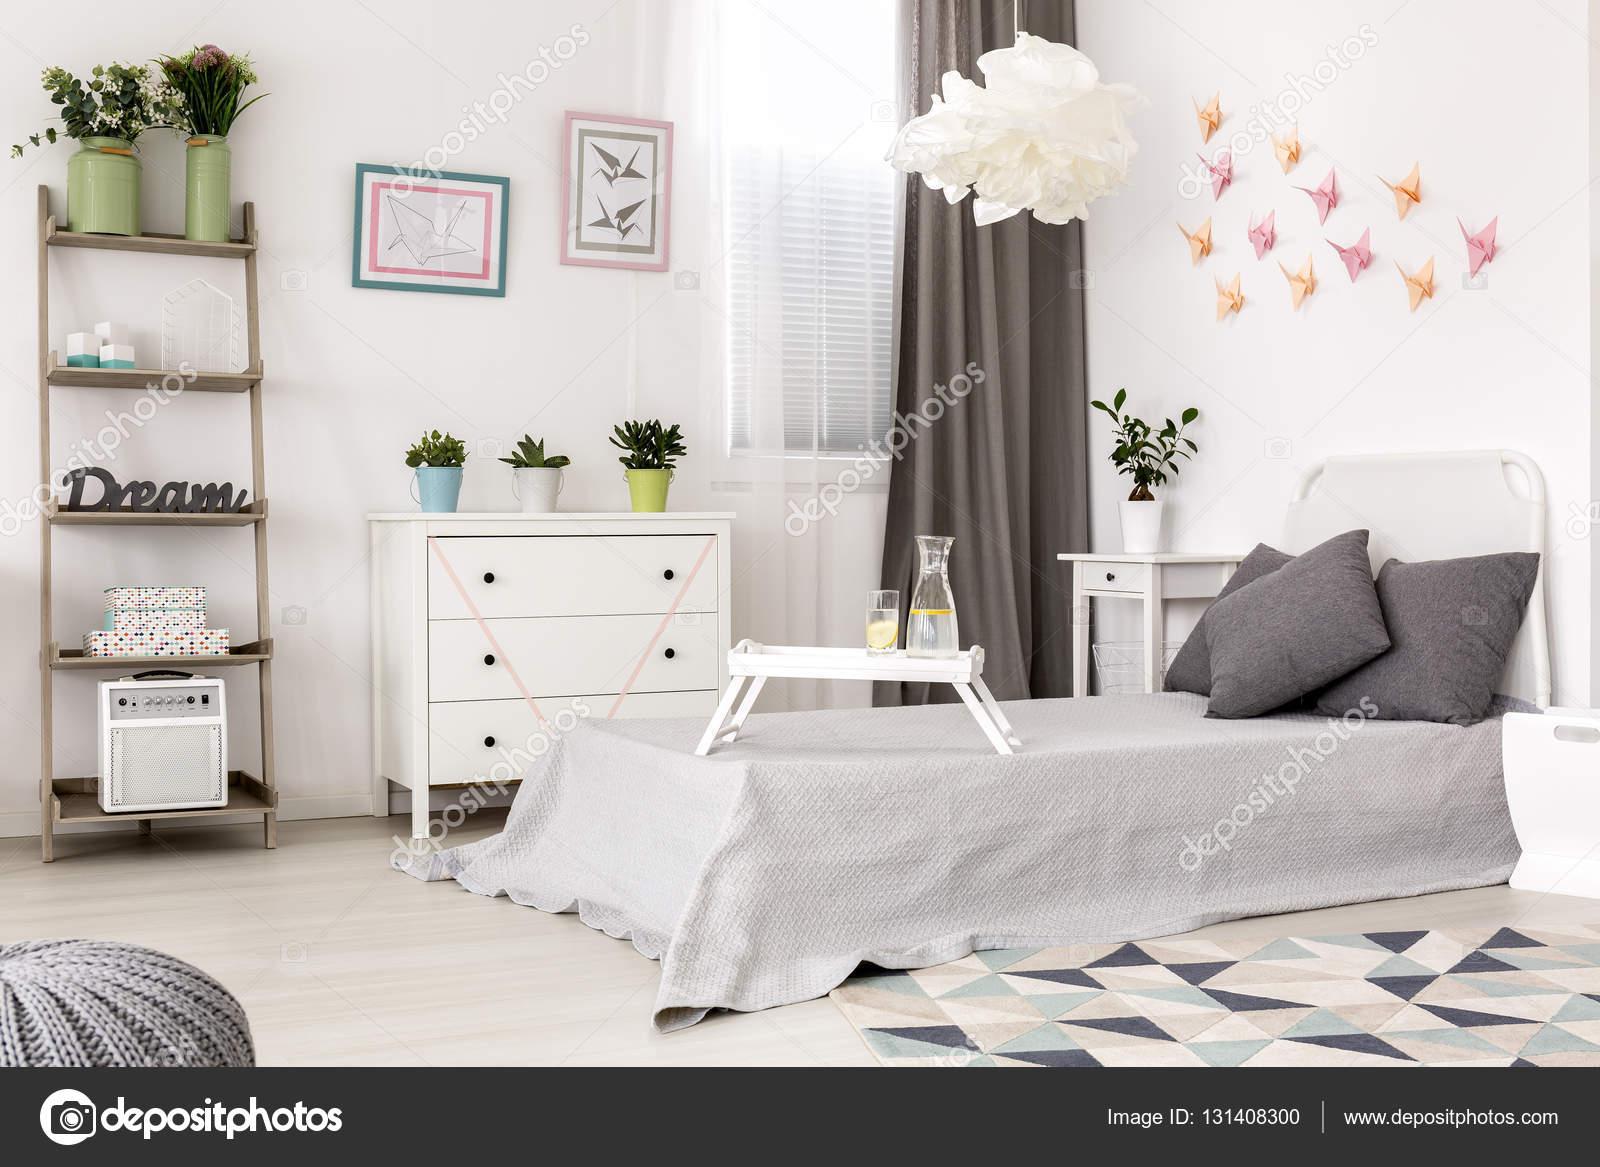 Slaapkamer met papieren decoratie aan de muur u stockfoto